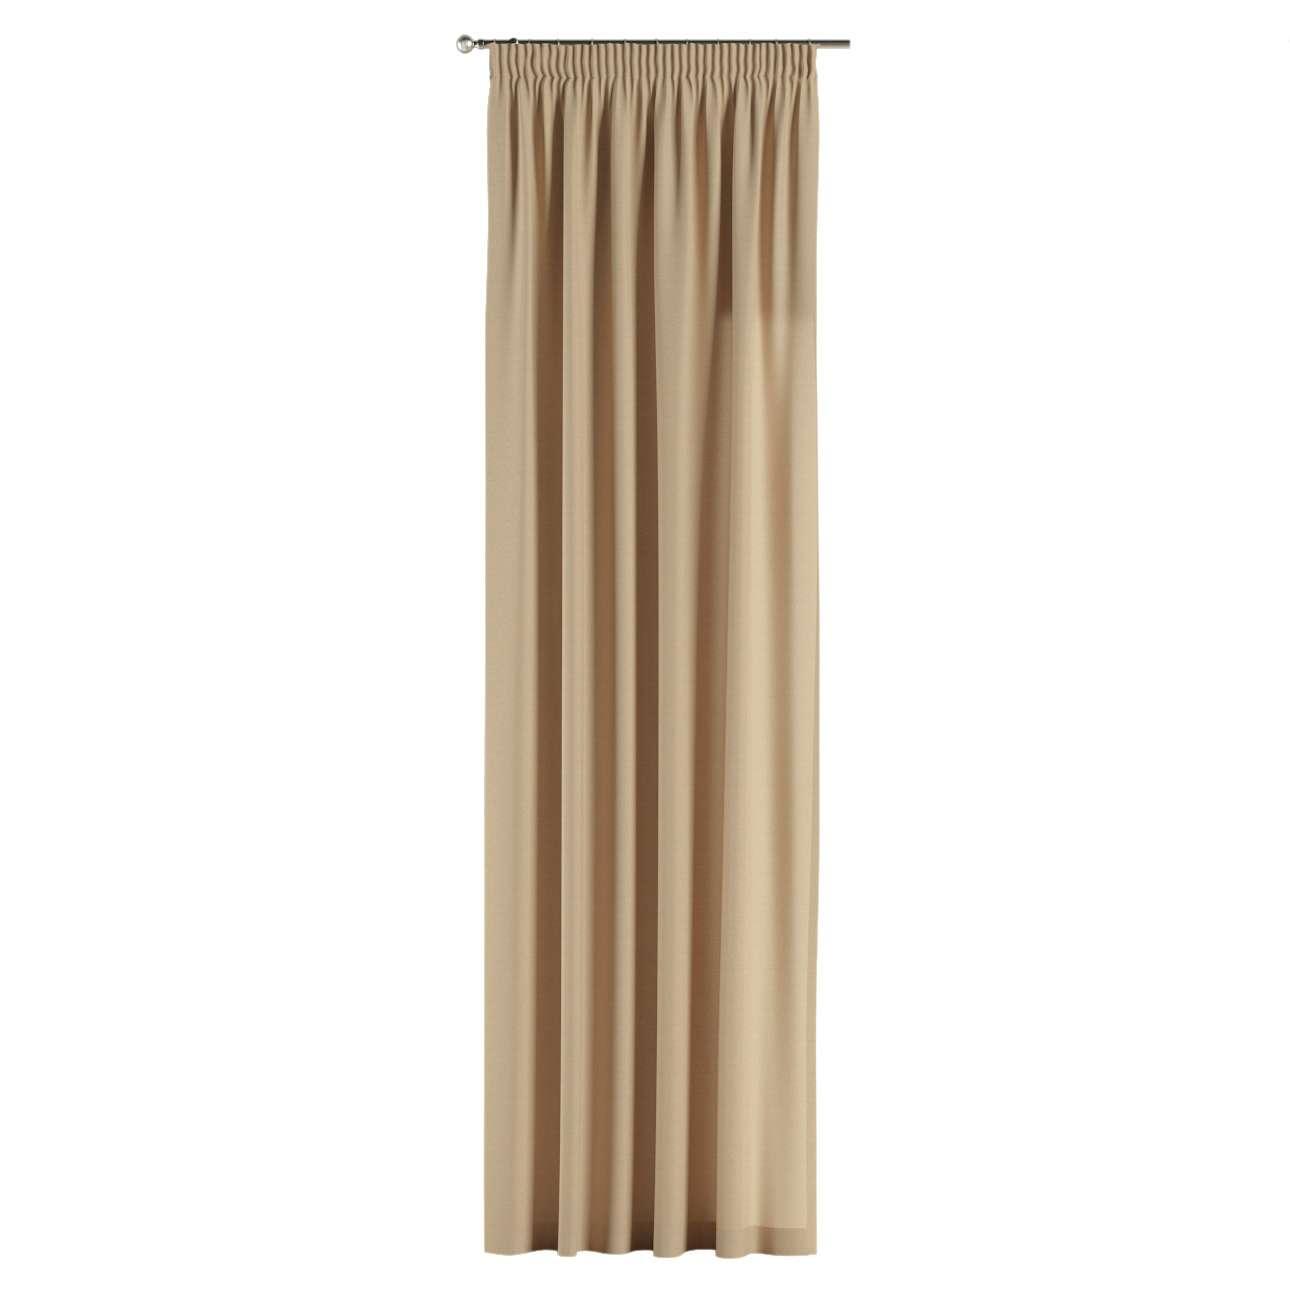 Függöny ráncolóval 130 x 260 cm a kollekcióból Bútorszövet Cotton Panama, Dekoranyag: 702-01